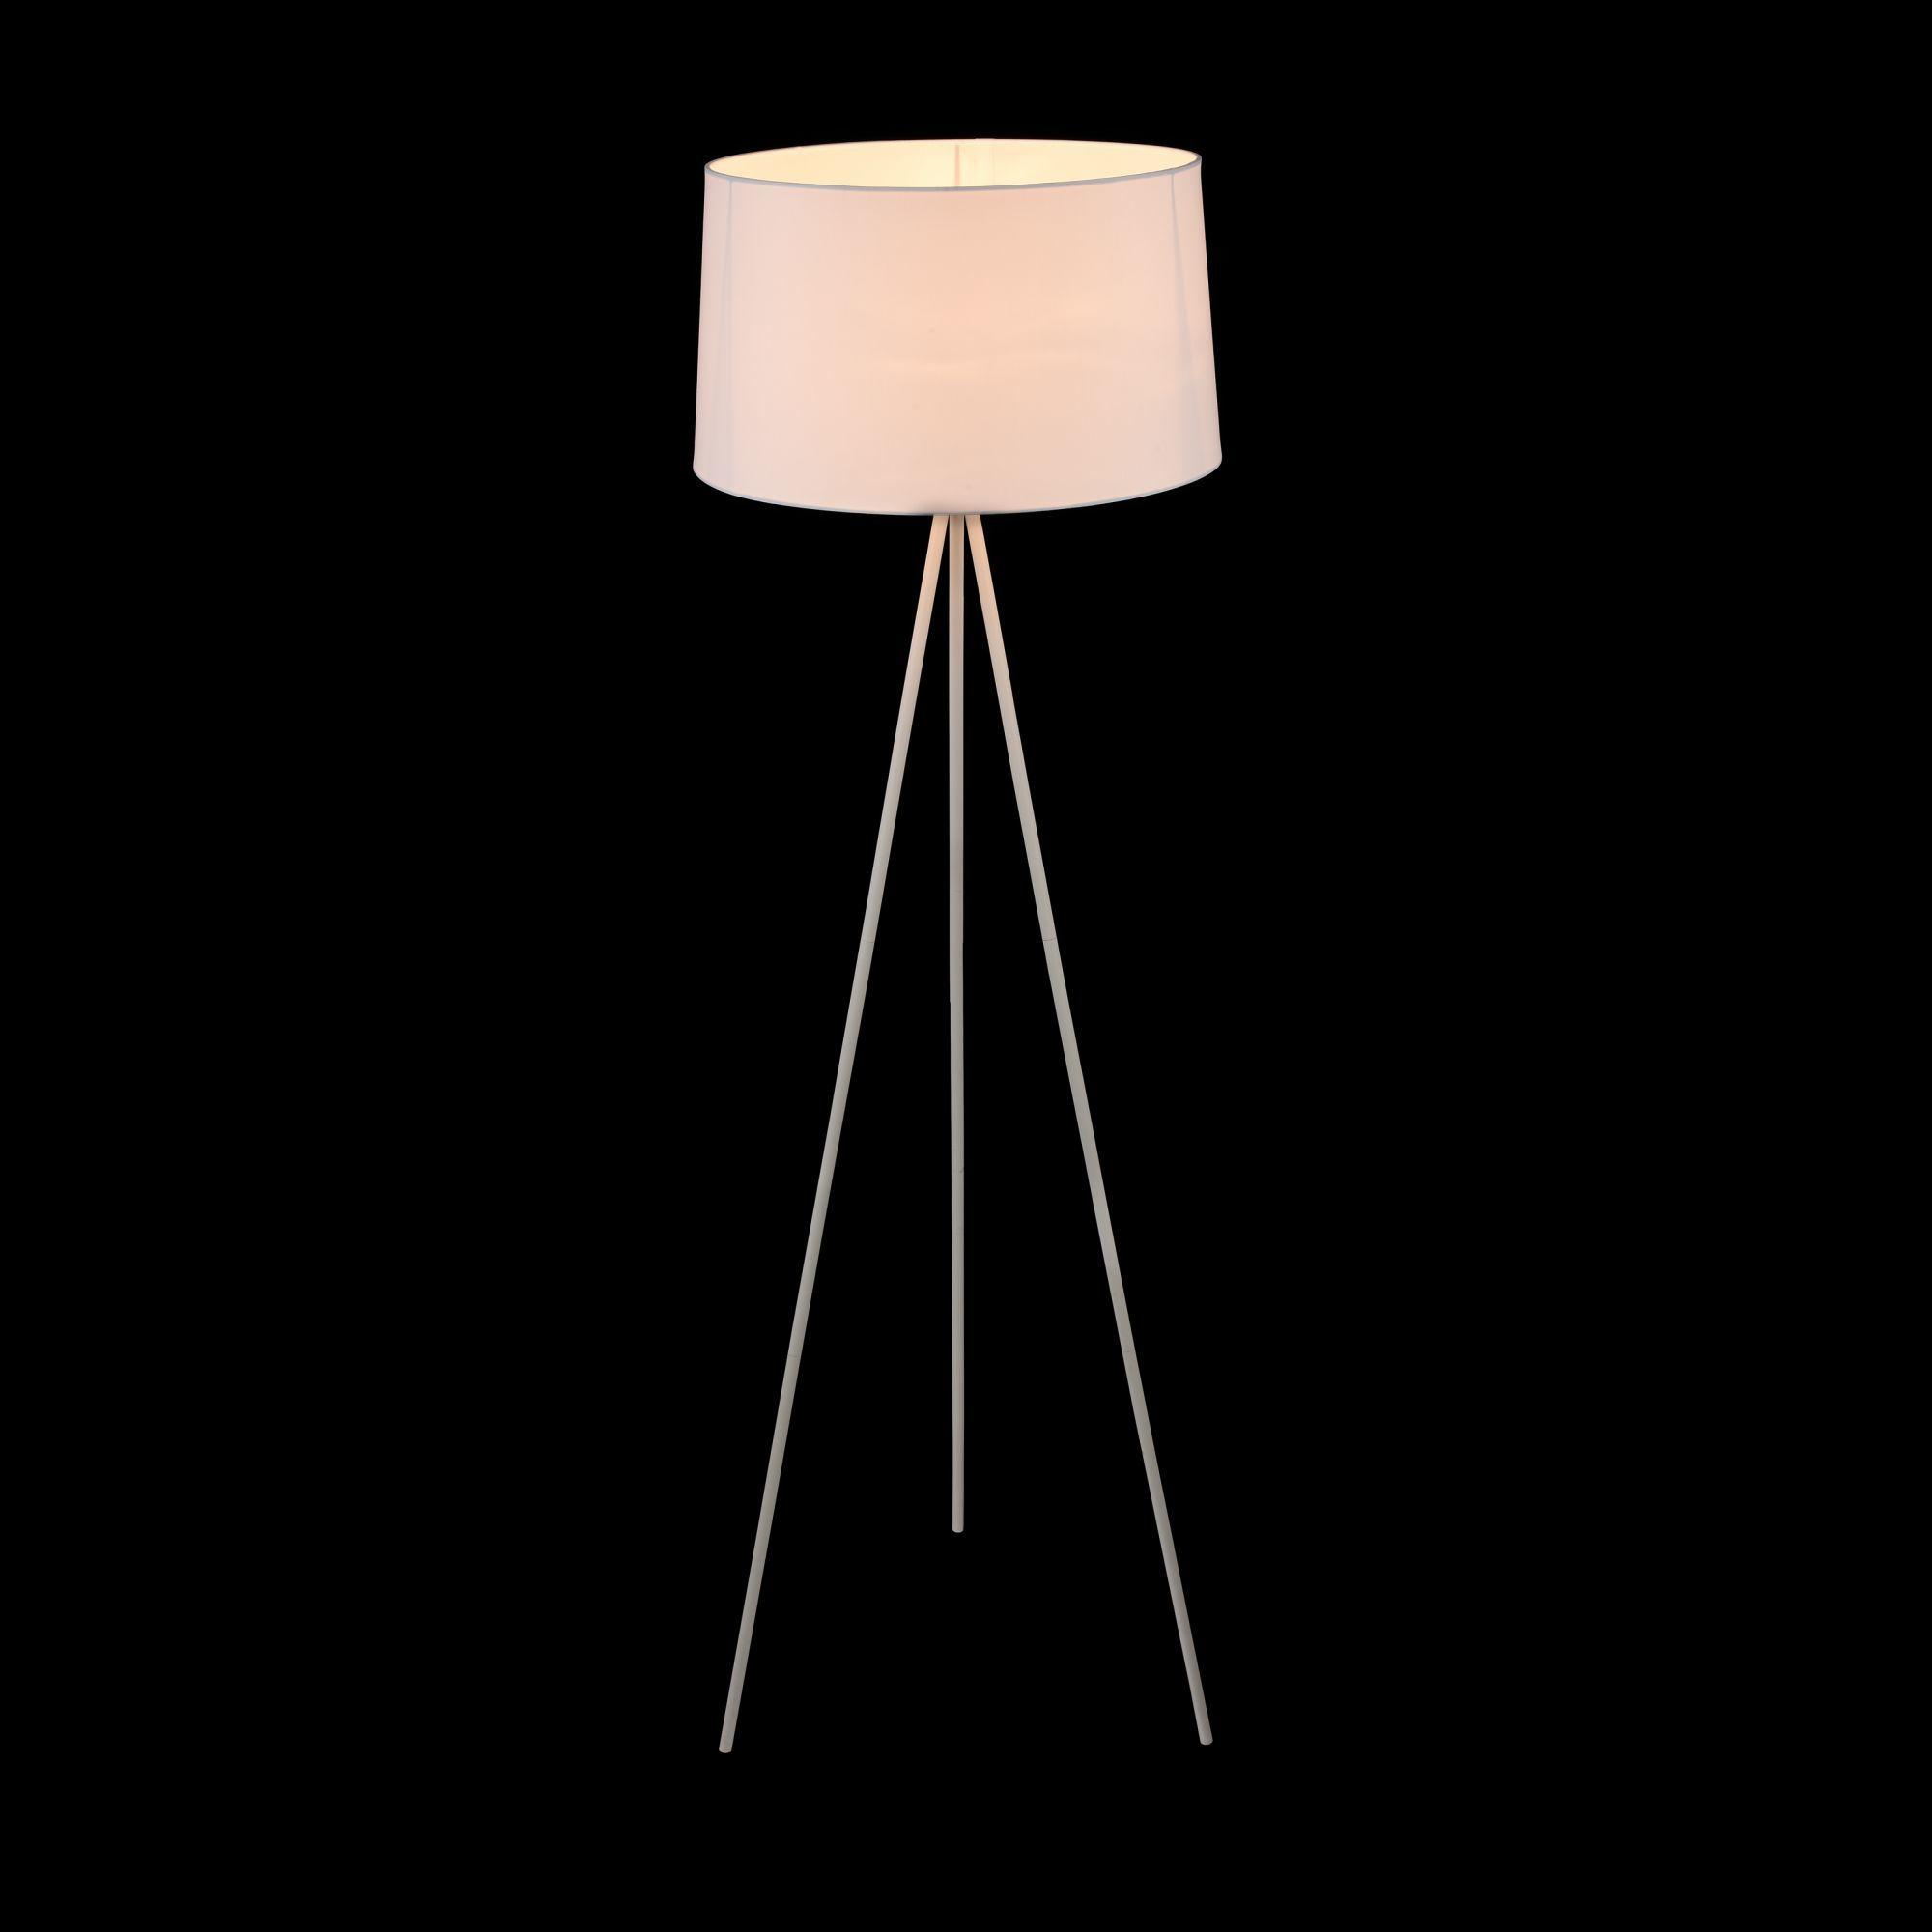 Торшер Freya Modern Bonita FR5152-FL-01-W, 1xE27x40W, белый, металл, текстиль - фото 5